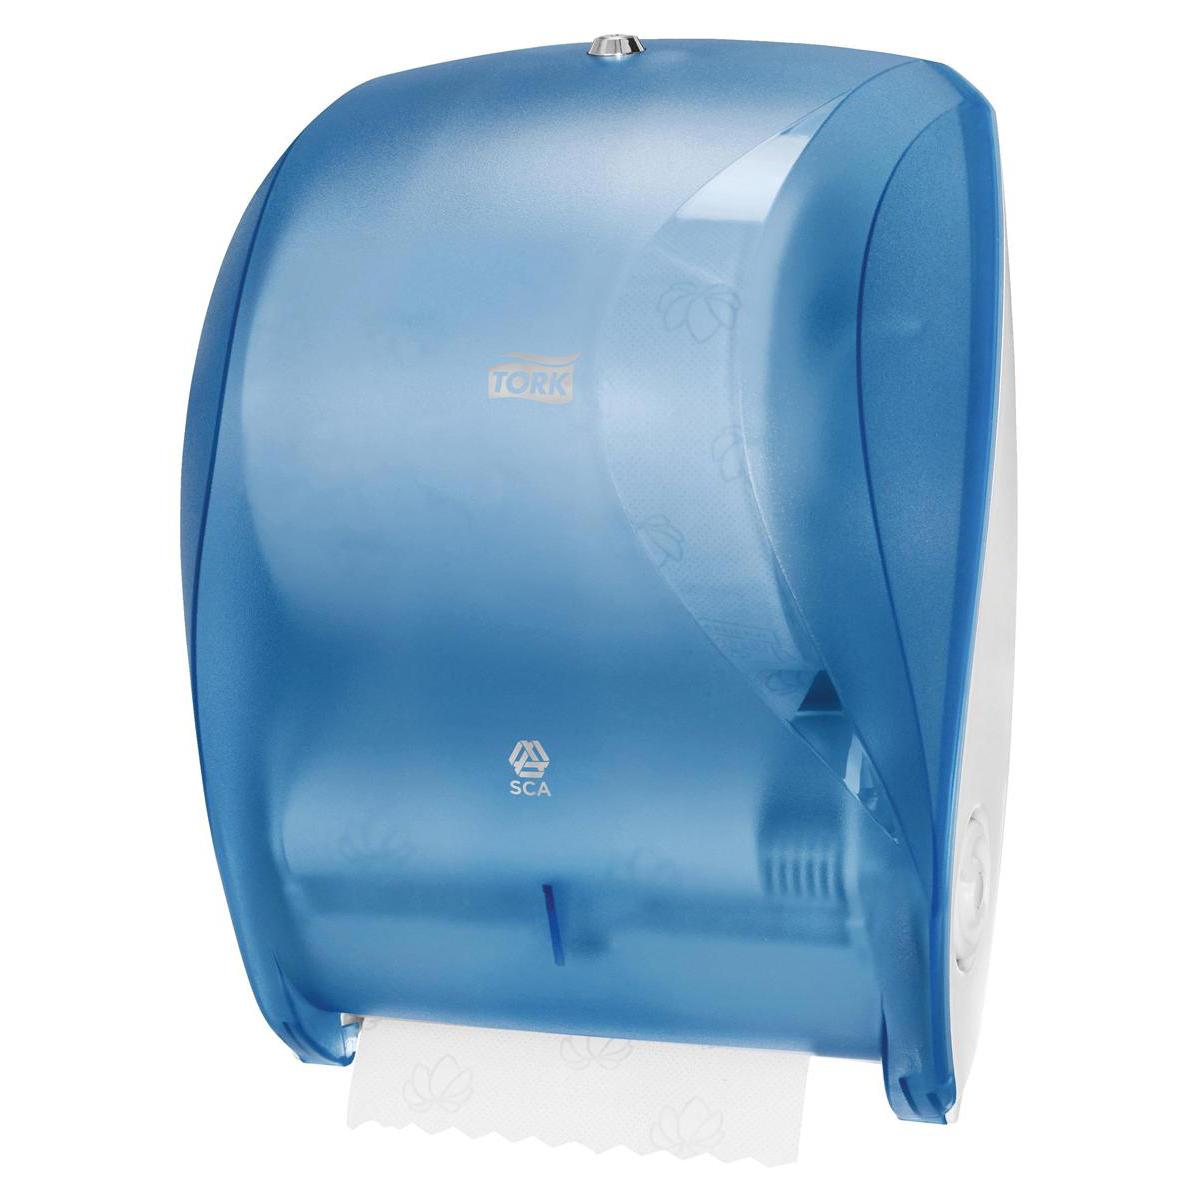 Tork Manual Hand Towel Roll Dispenser W425xD303x220mm Plastic Blue Ref 471050